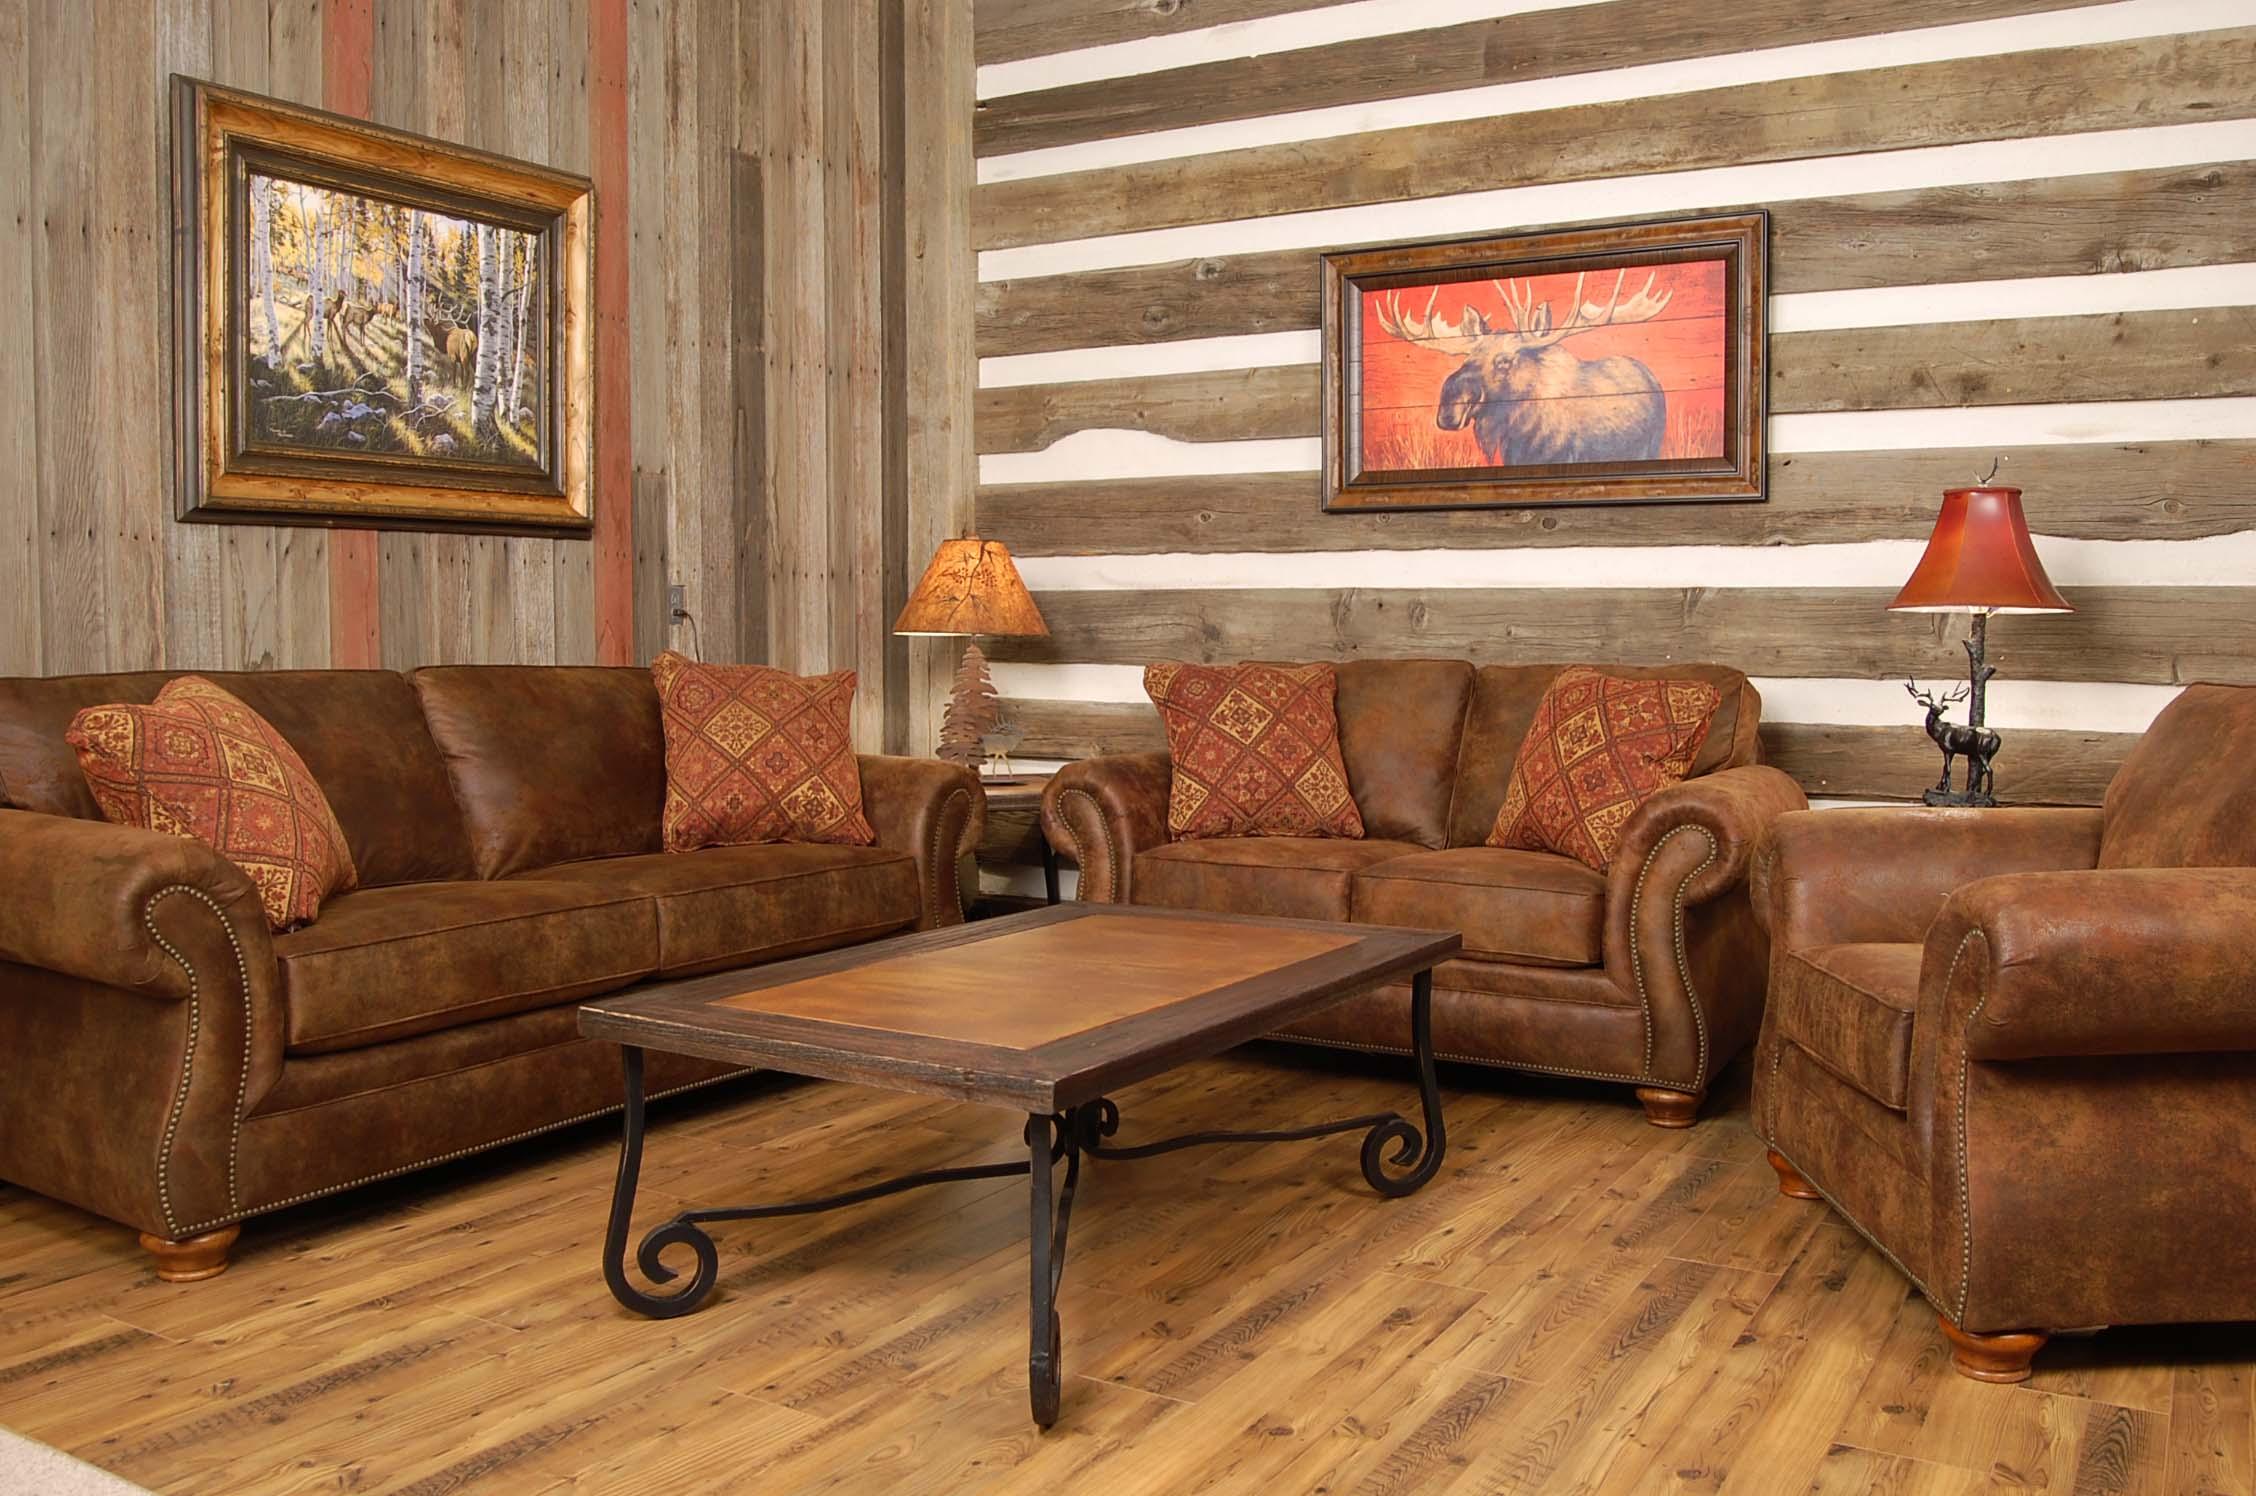 """Антикварная или мебель """"под старину"""" подчеркнет деревенский стиль гостиной"""